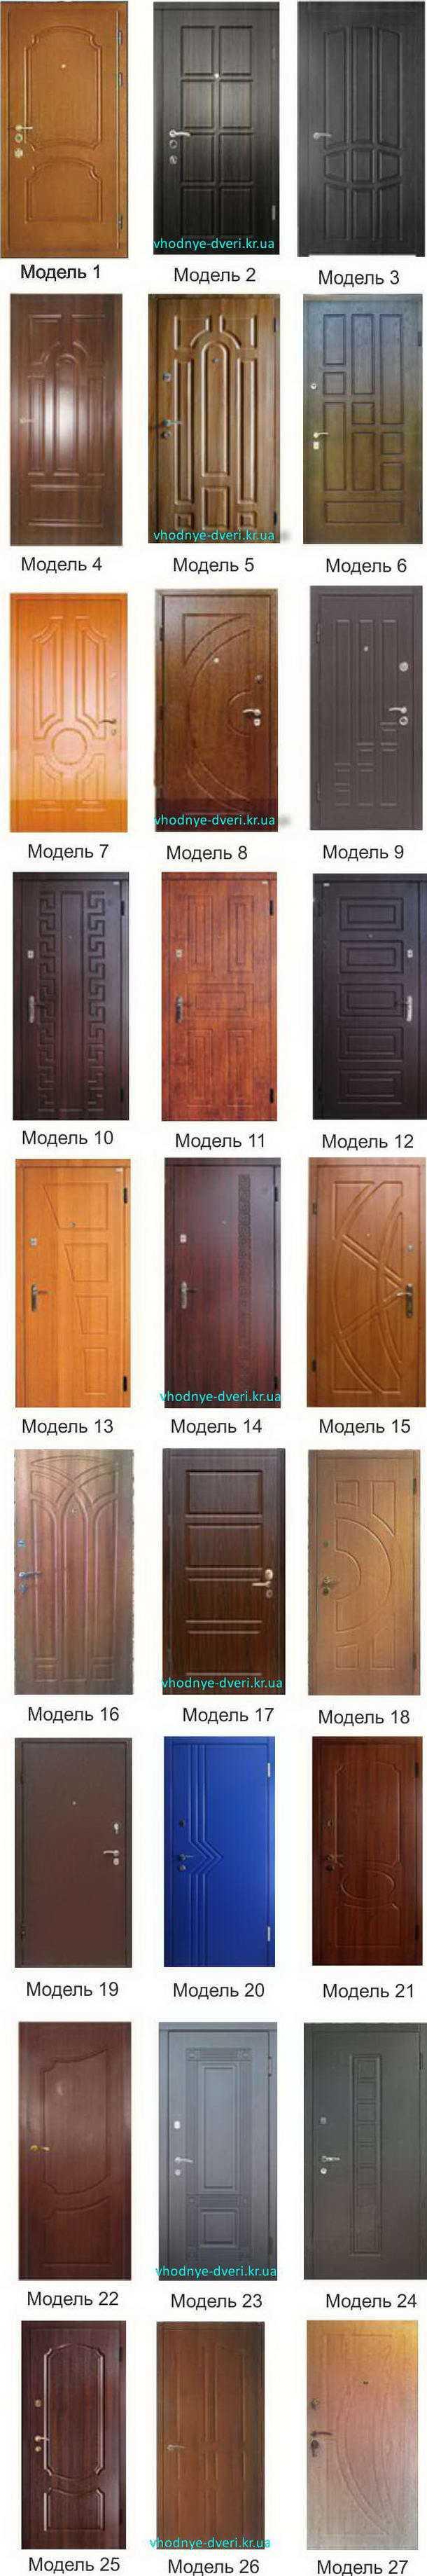 Фото накладок на двери ДверьПром